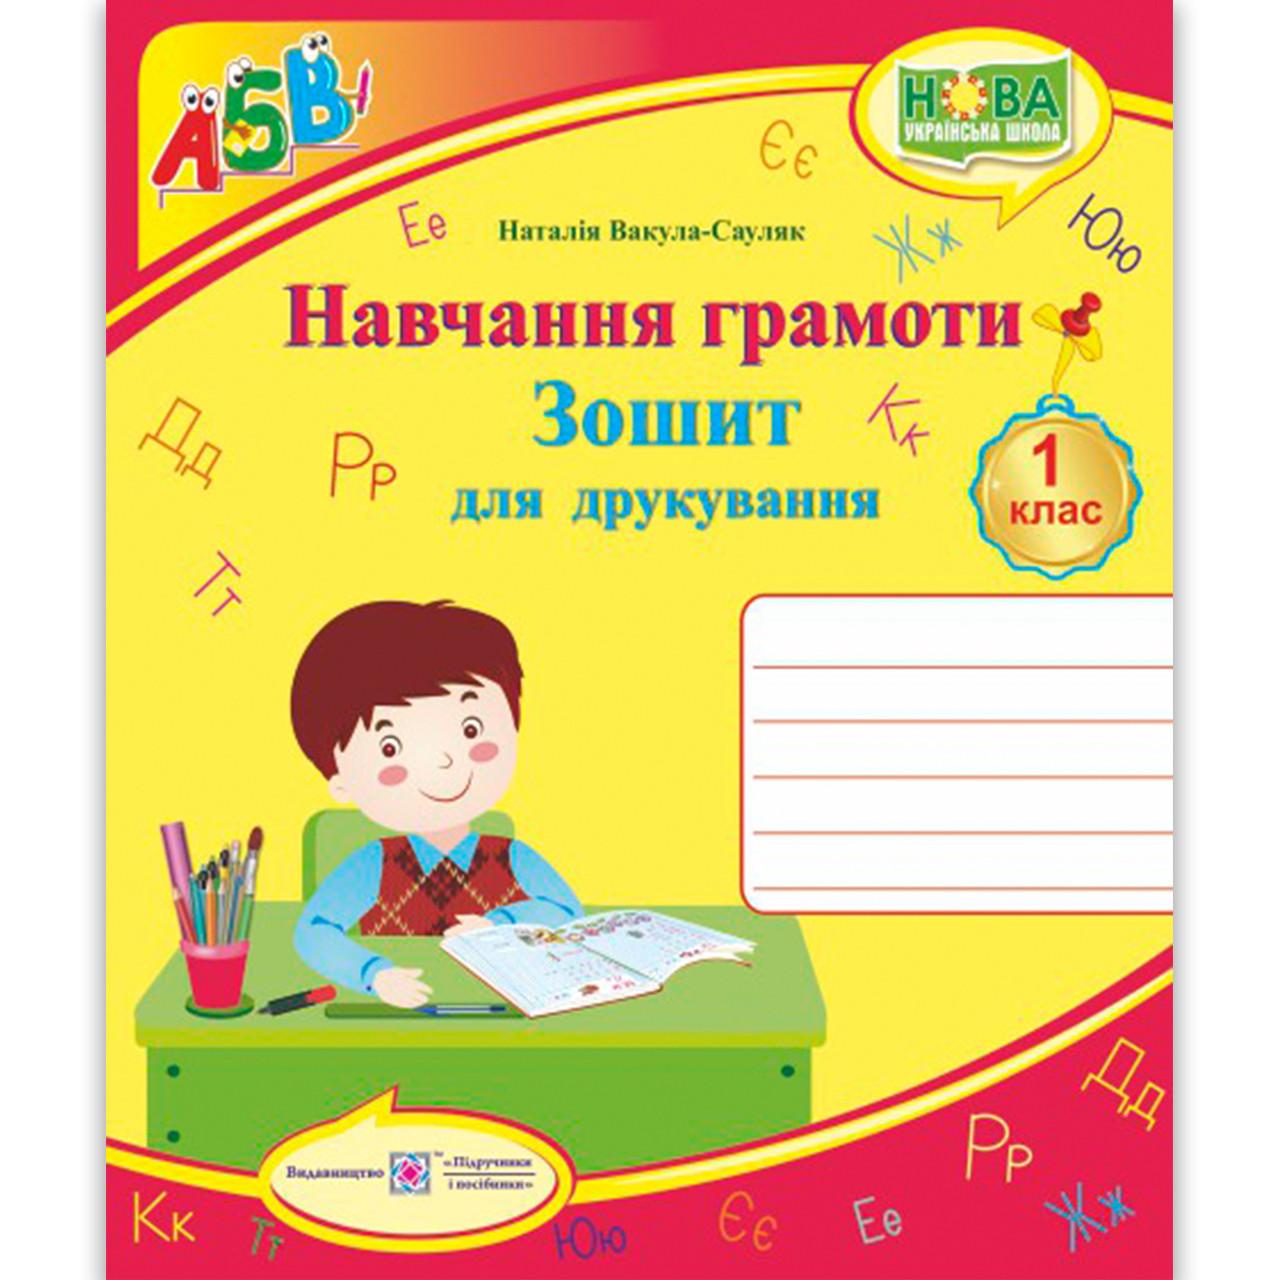 Зошит для друкування 1 клас Авт: Вакула-Сауляк Н. Вид: Підручники і Посібники